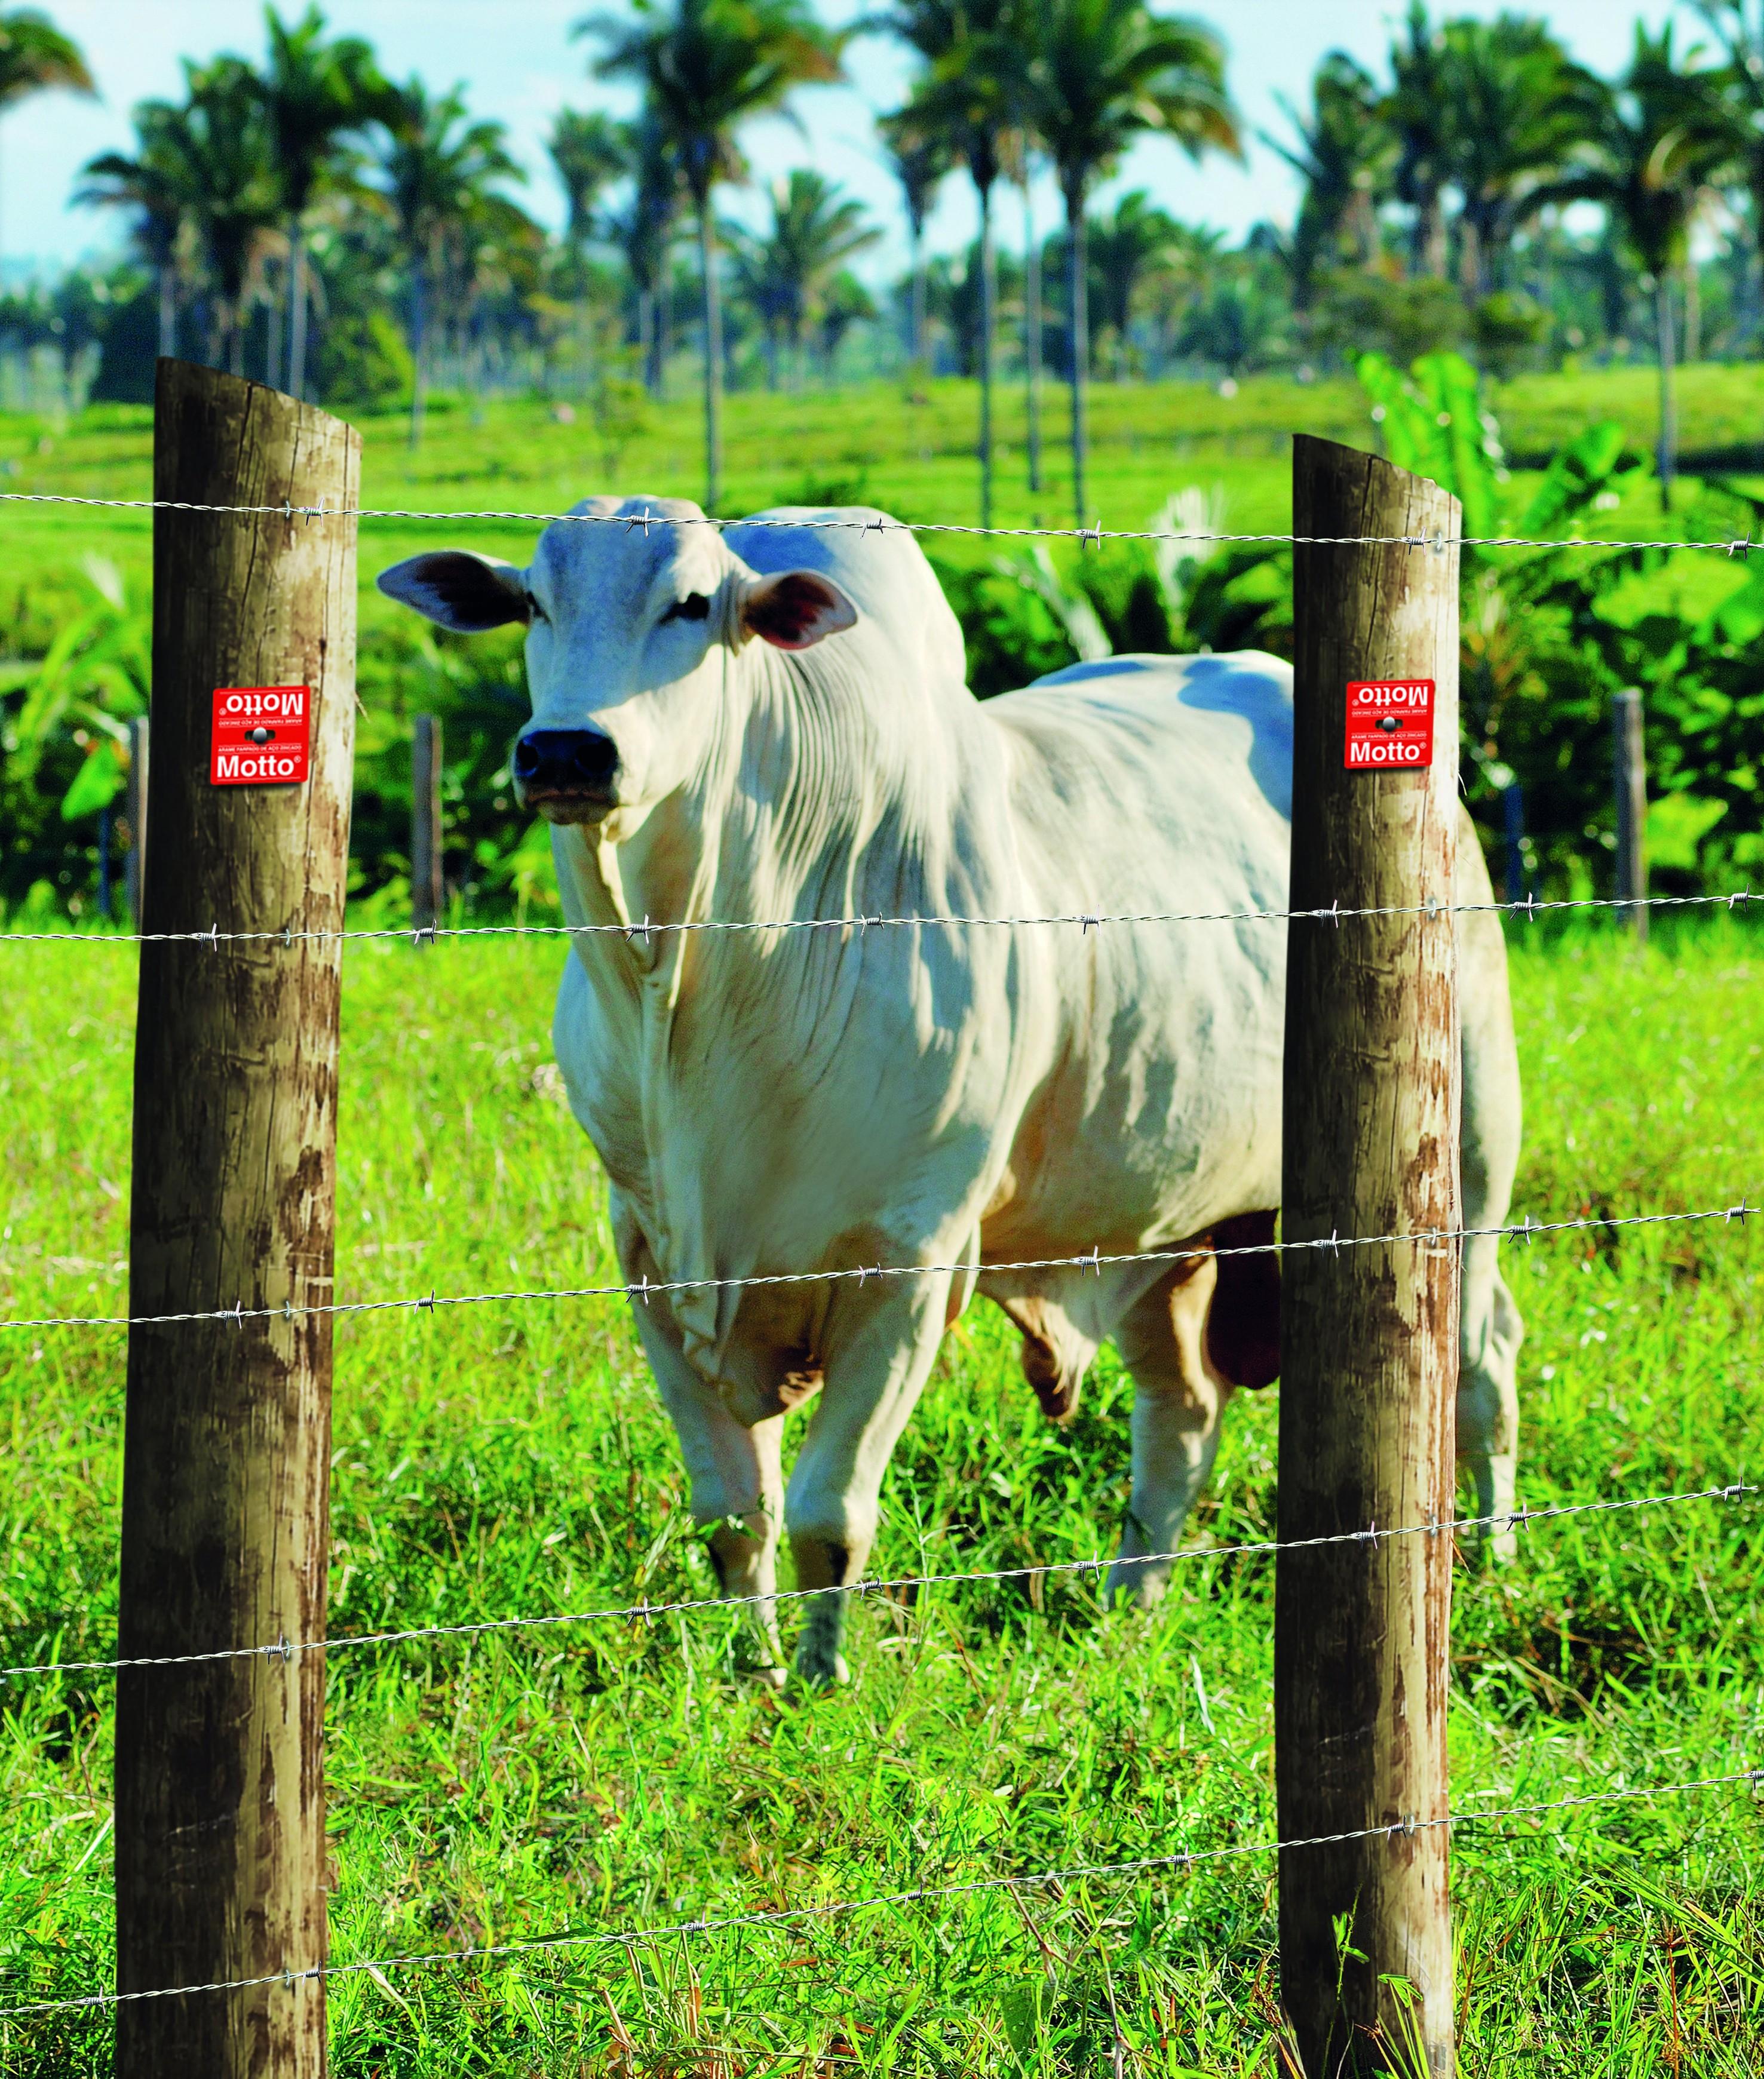 Maioria dos casos de RTP em bovinos ocorreu pela ingestão de pontas de arame (Foto: Divulgação)